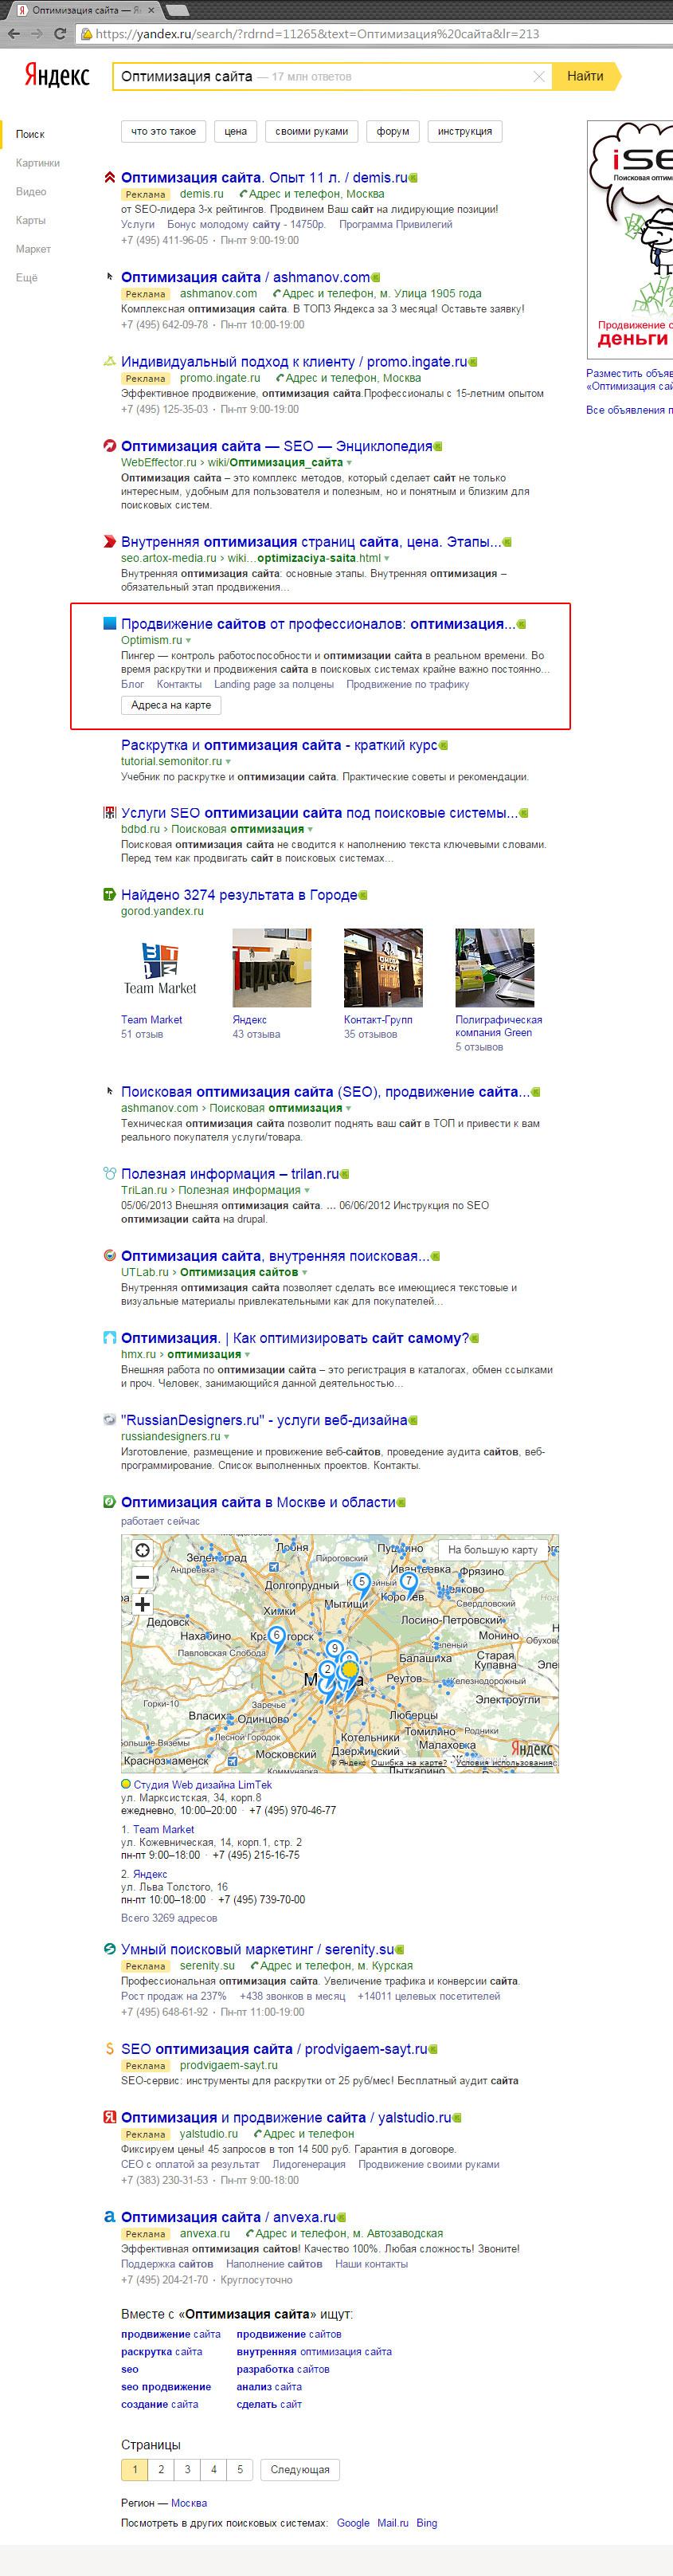 Оптимизация сайта, Москва и область / Яндекс (3-место)